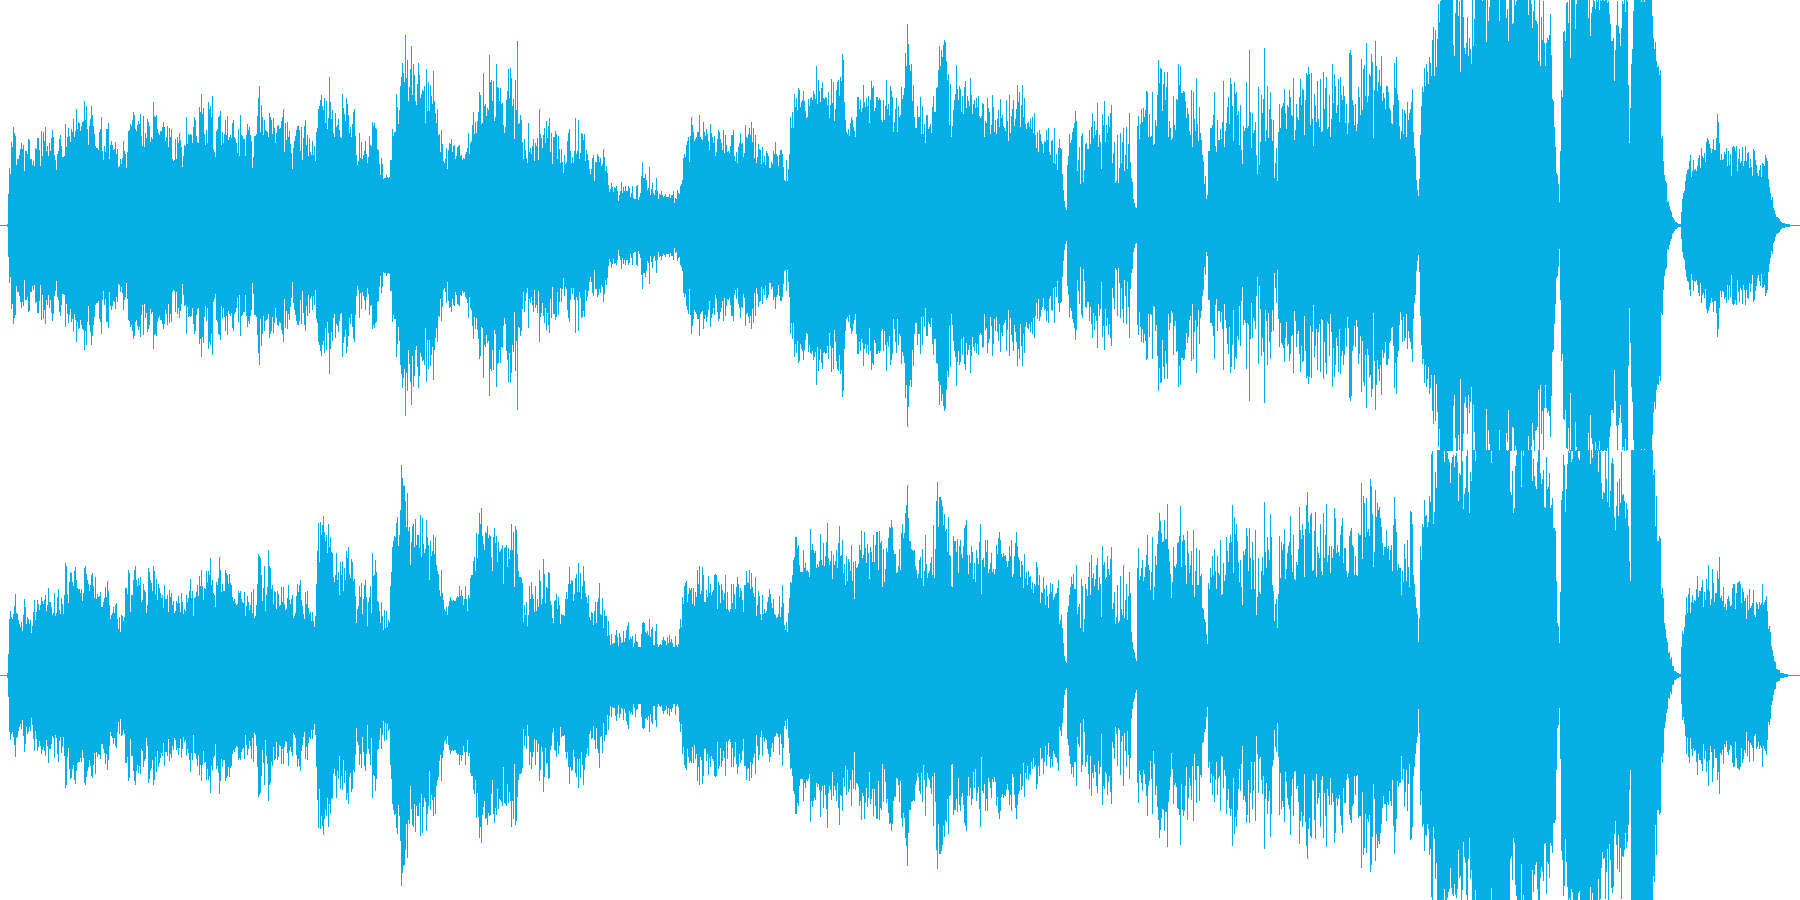 オリジナルのオケアレンジ曲inAliceの再生済みの波形